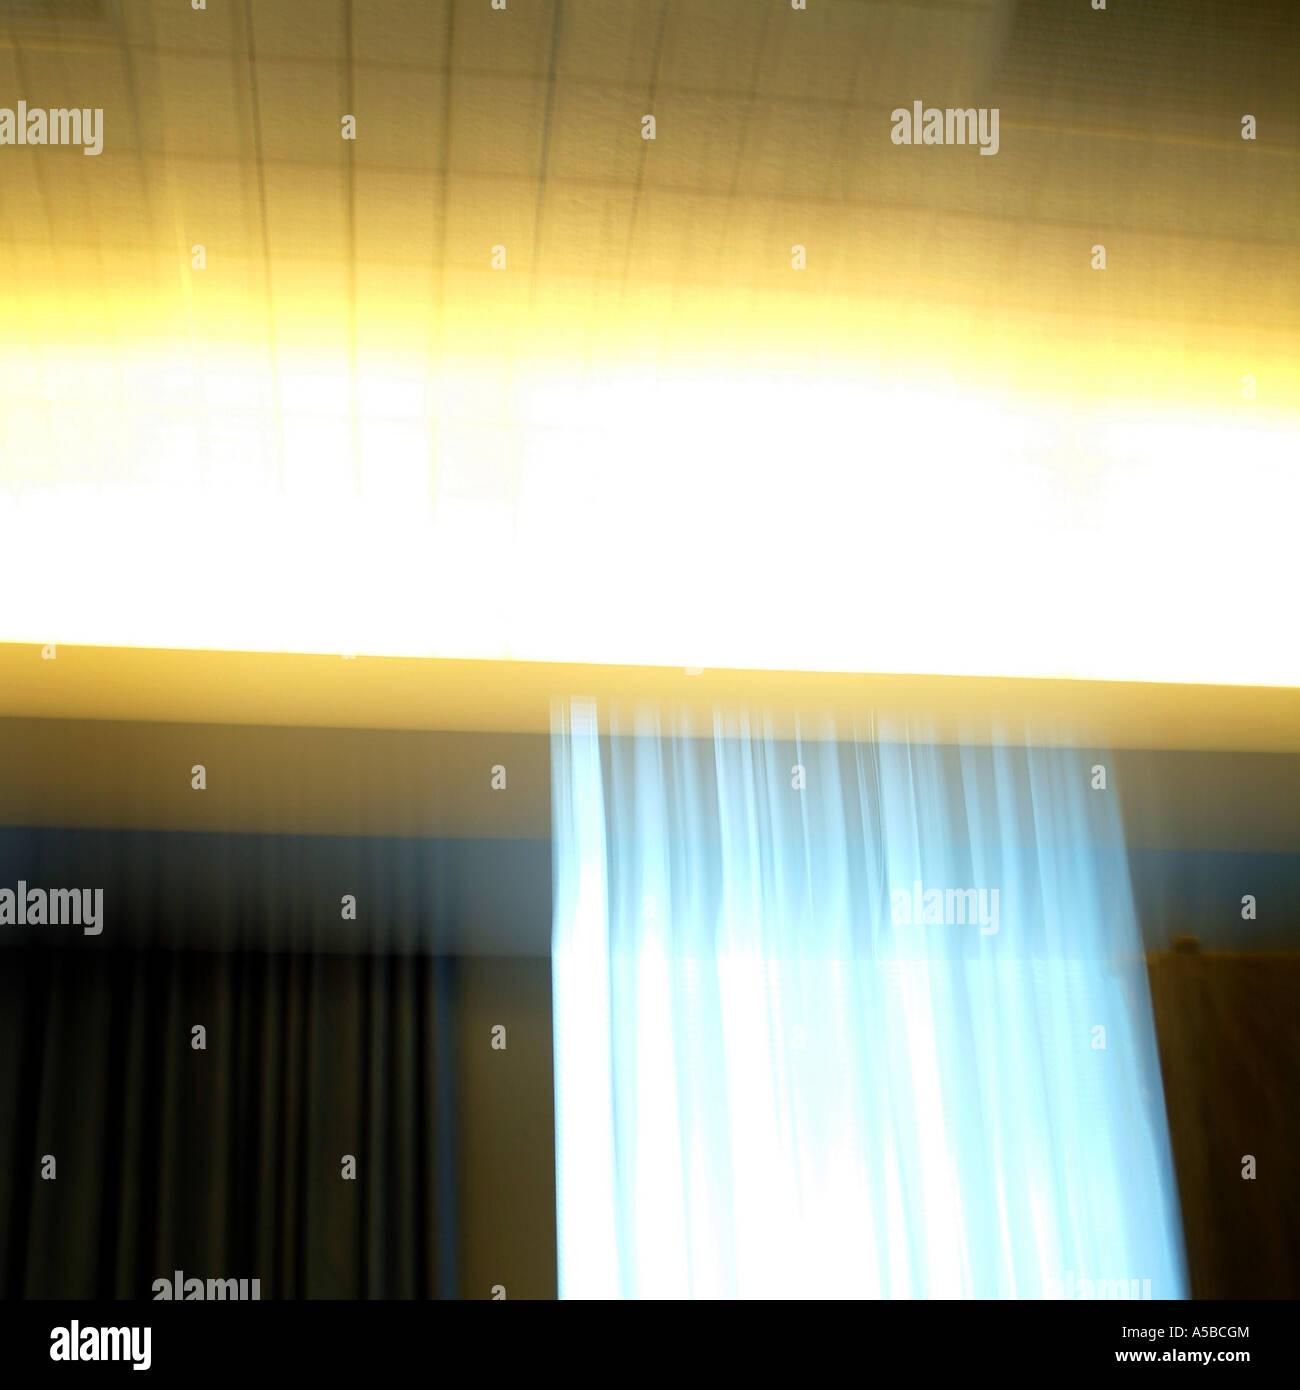 Architettura di luce astratta dettaglio. Immagini Stock